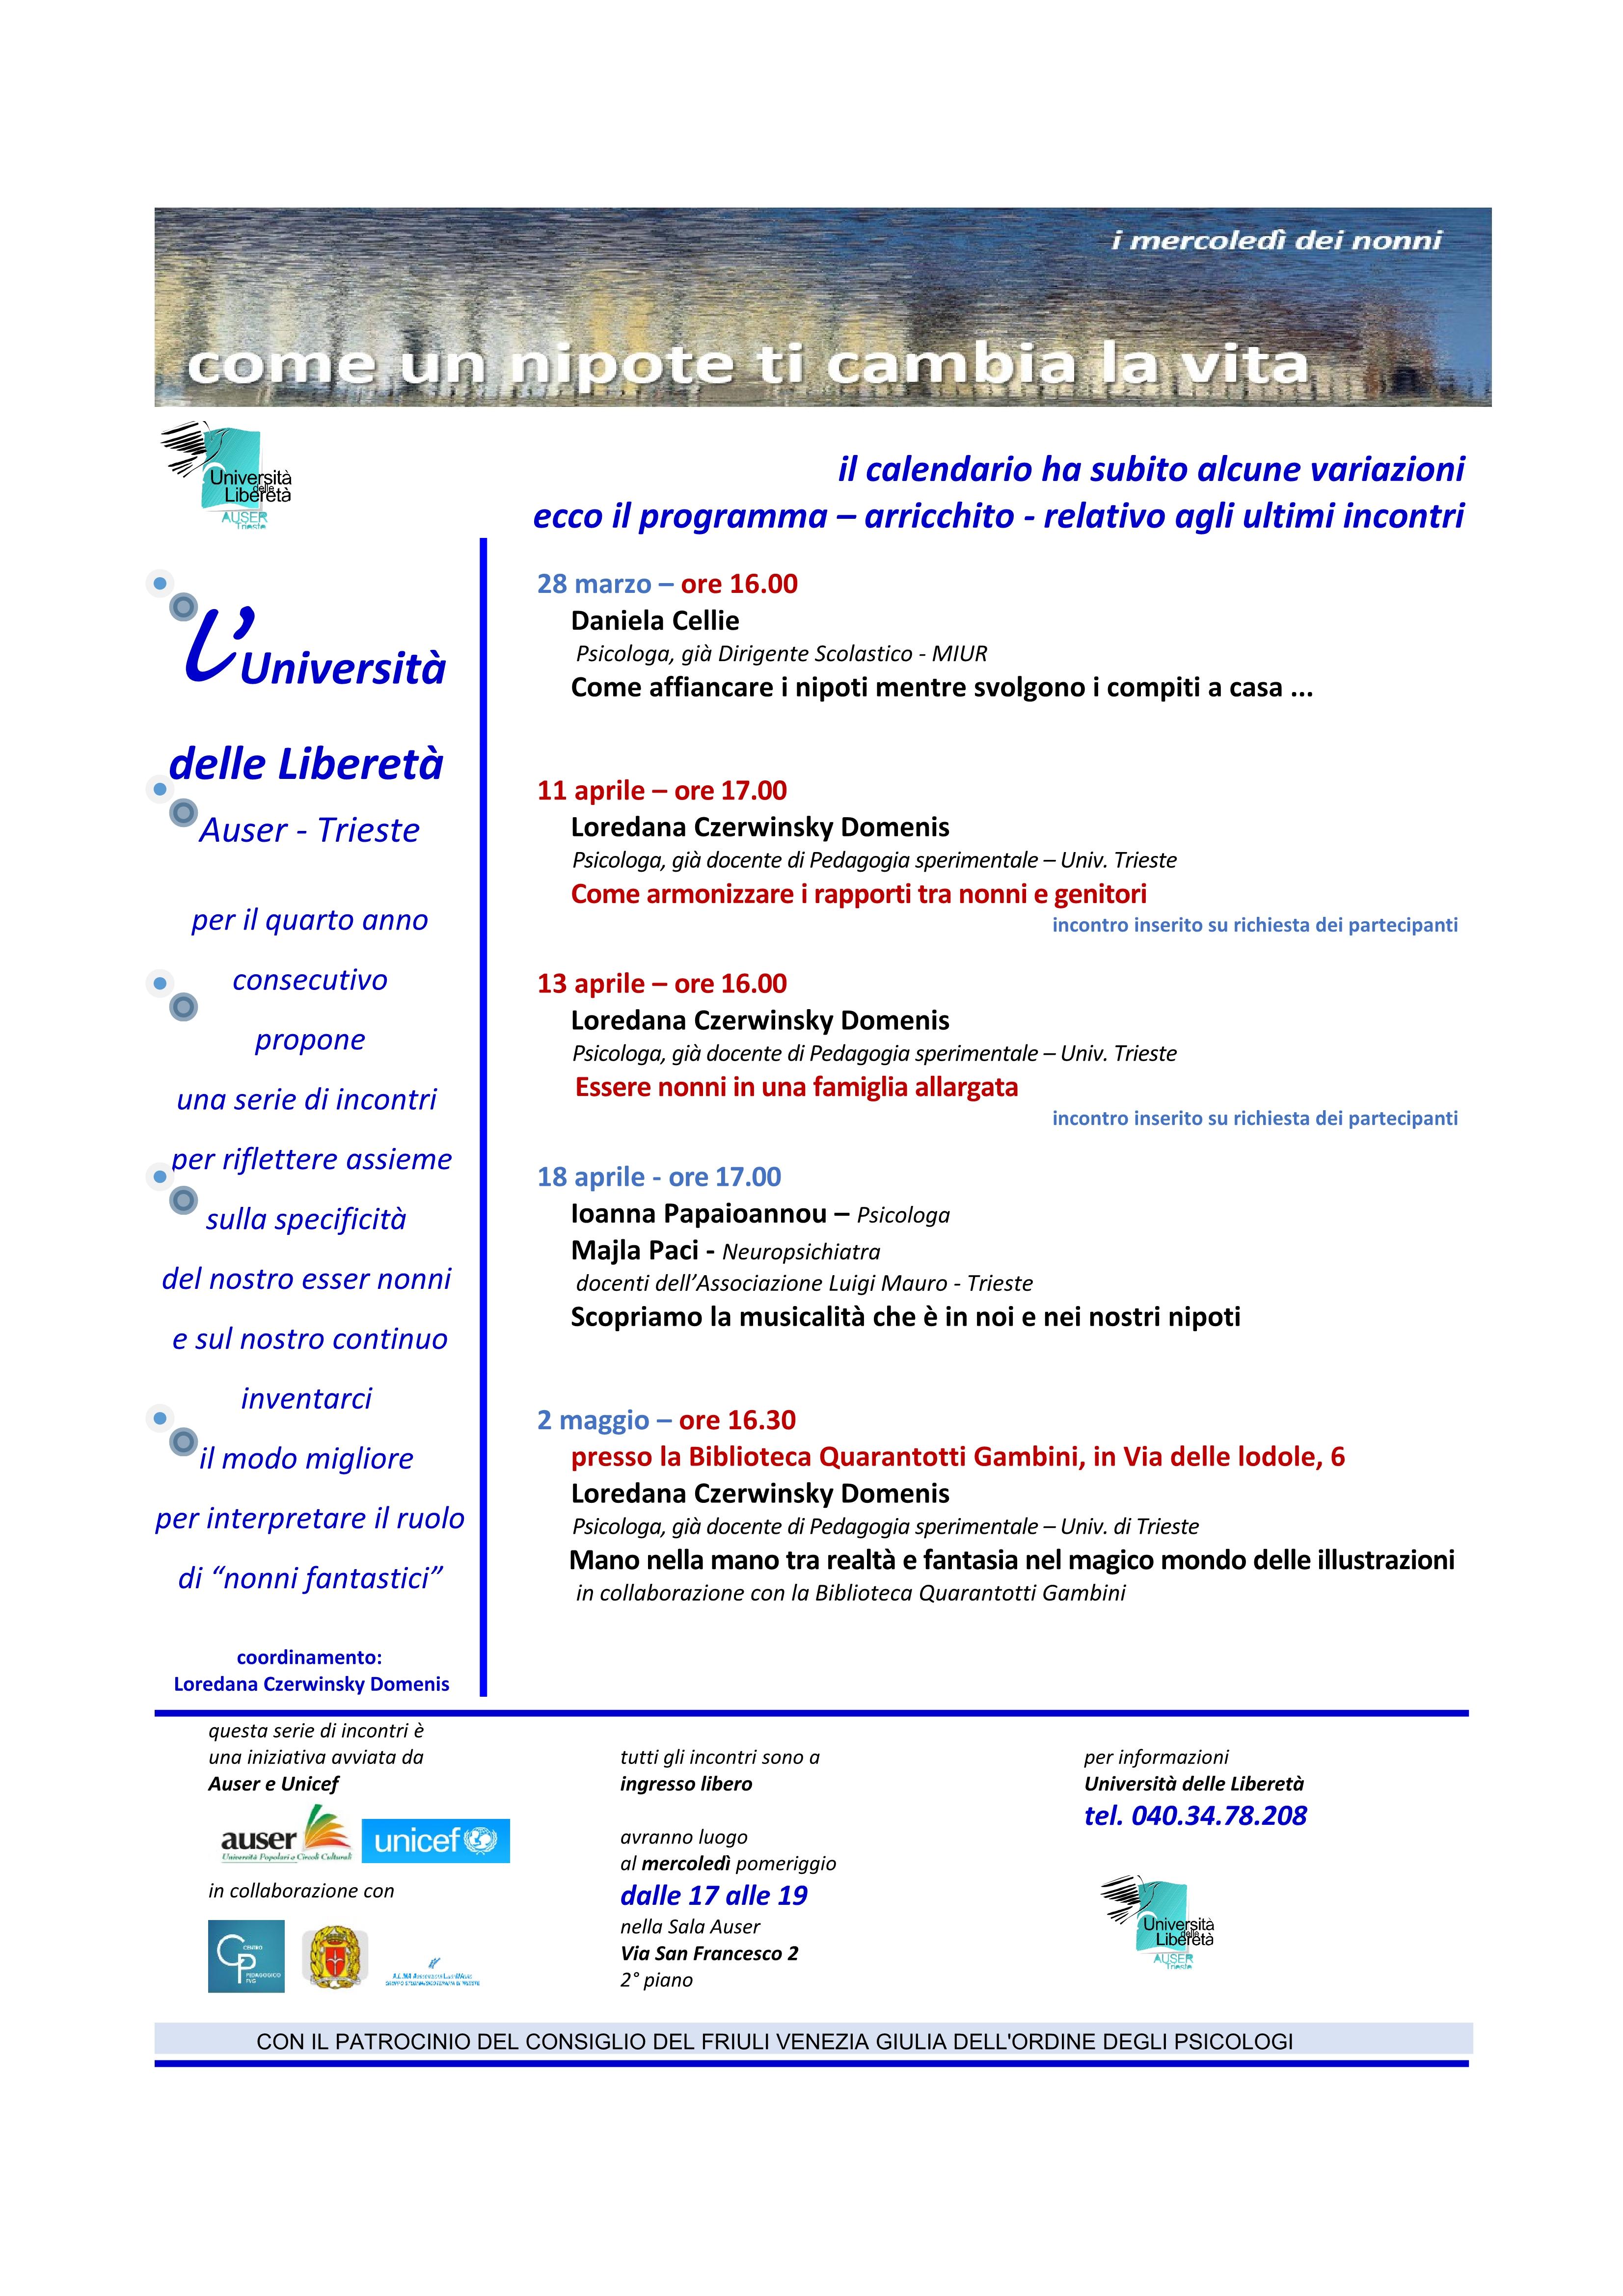 7.1-DEPLIANTnonni2018UltimiIncontri1